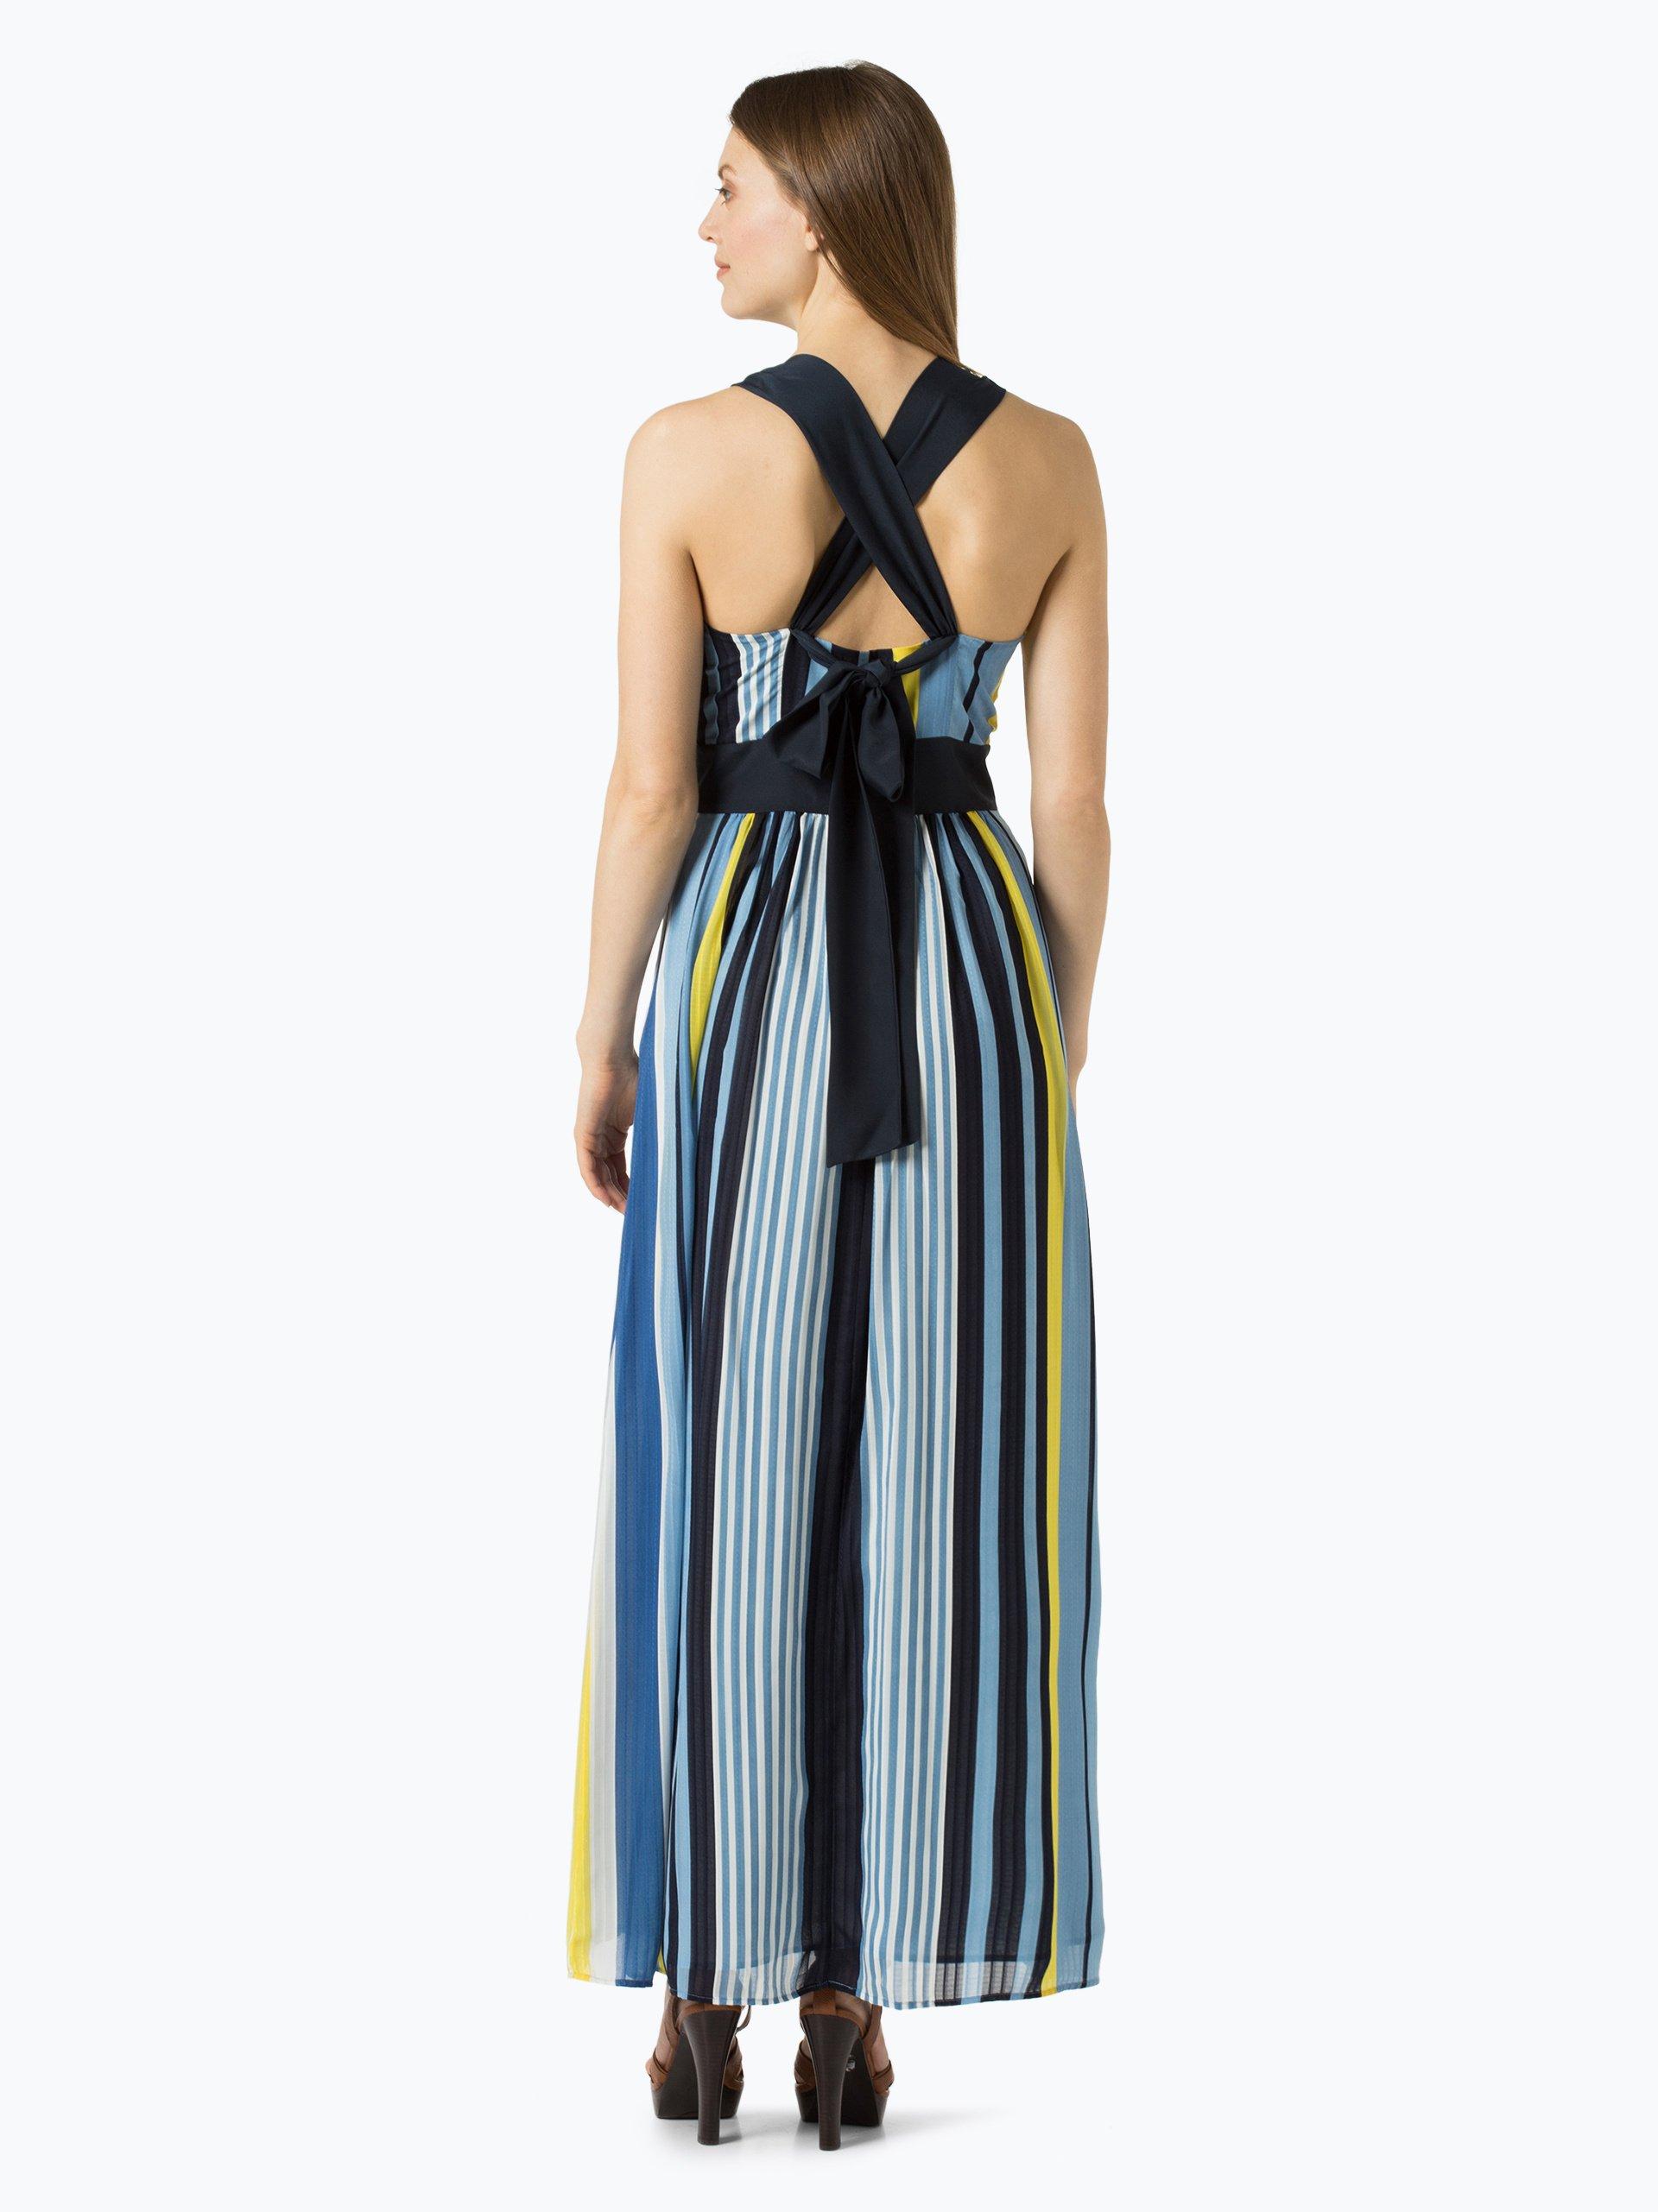 esprit collection damen kleid blau gelb gestreift online kaufen peek und cloppenburg de. Black Bedroom Furniture Sets. Home Design Ideas